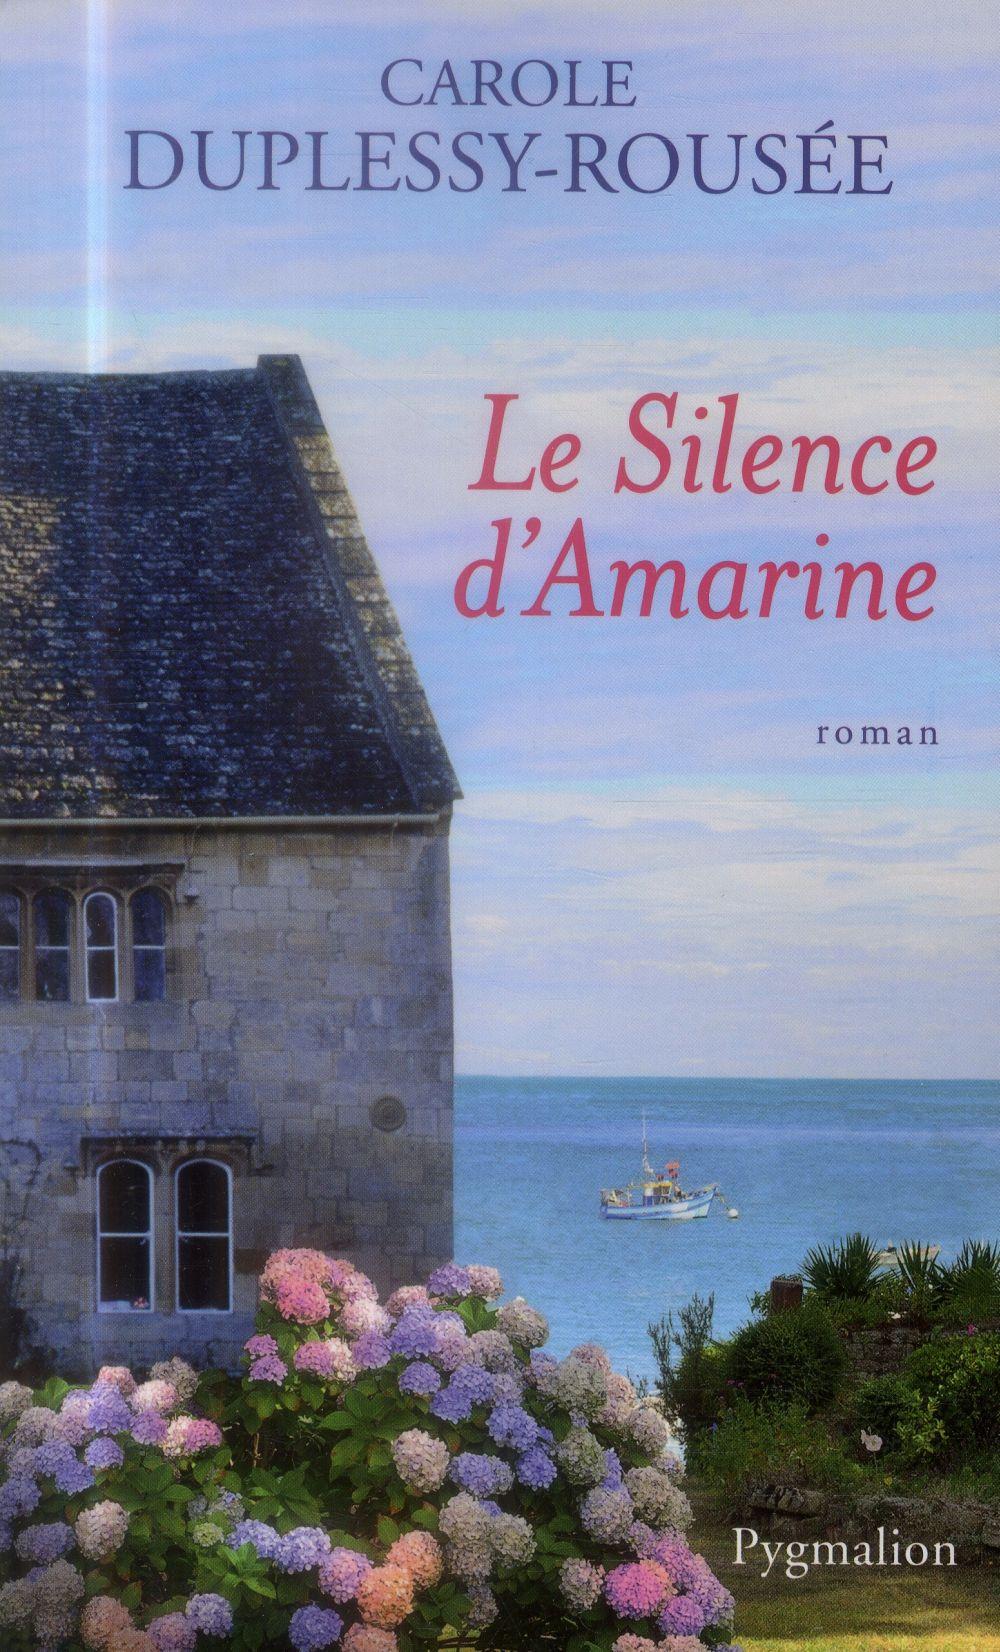 Le silence d'Amarine